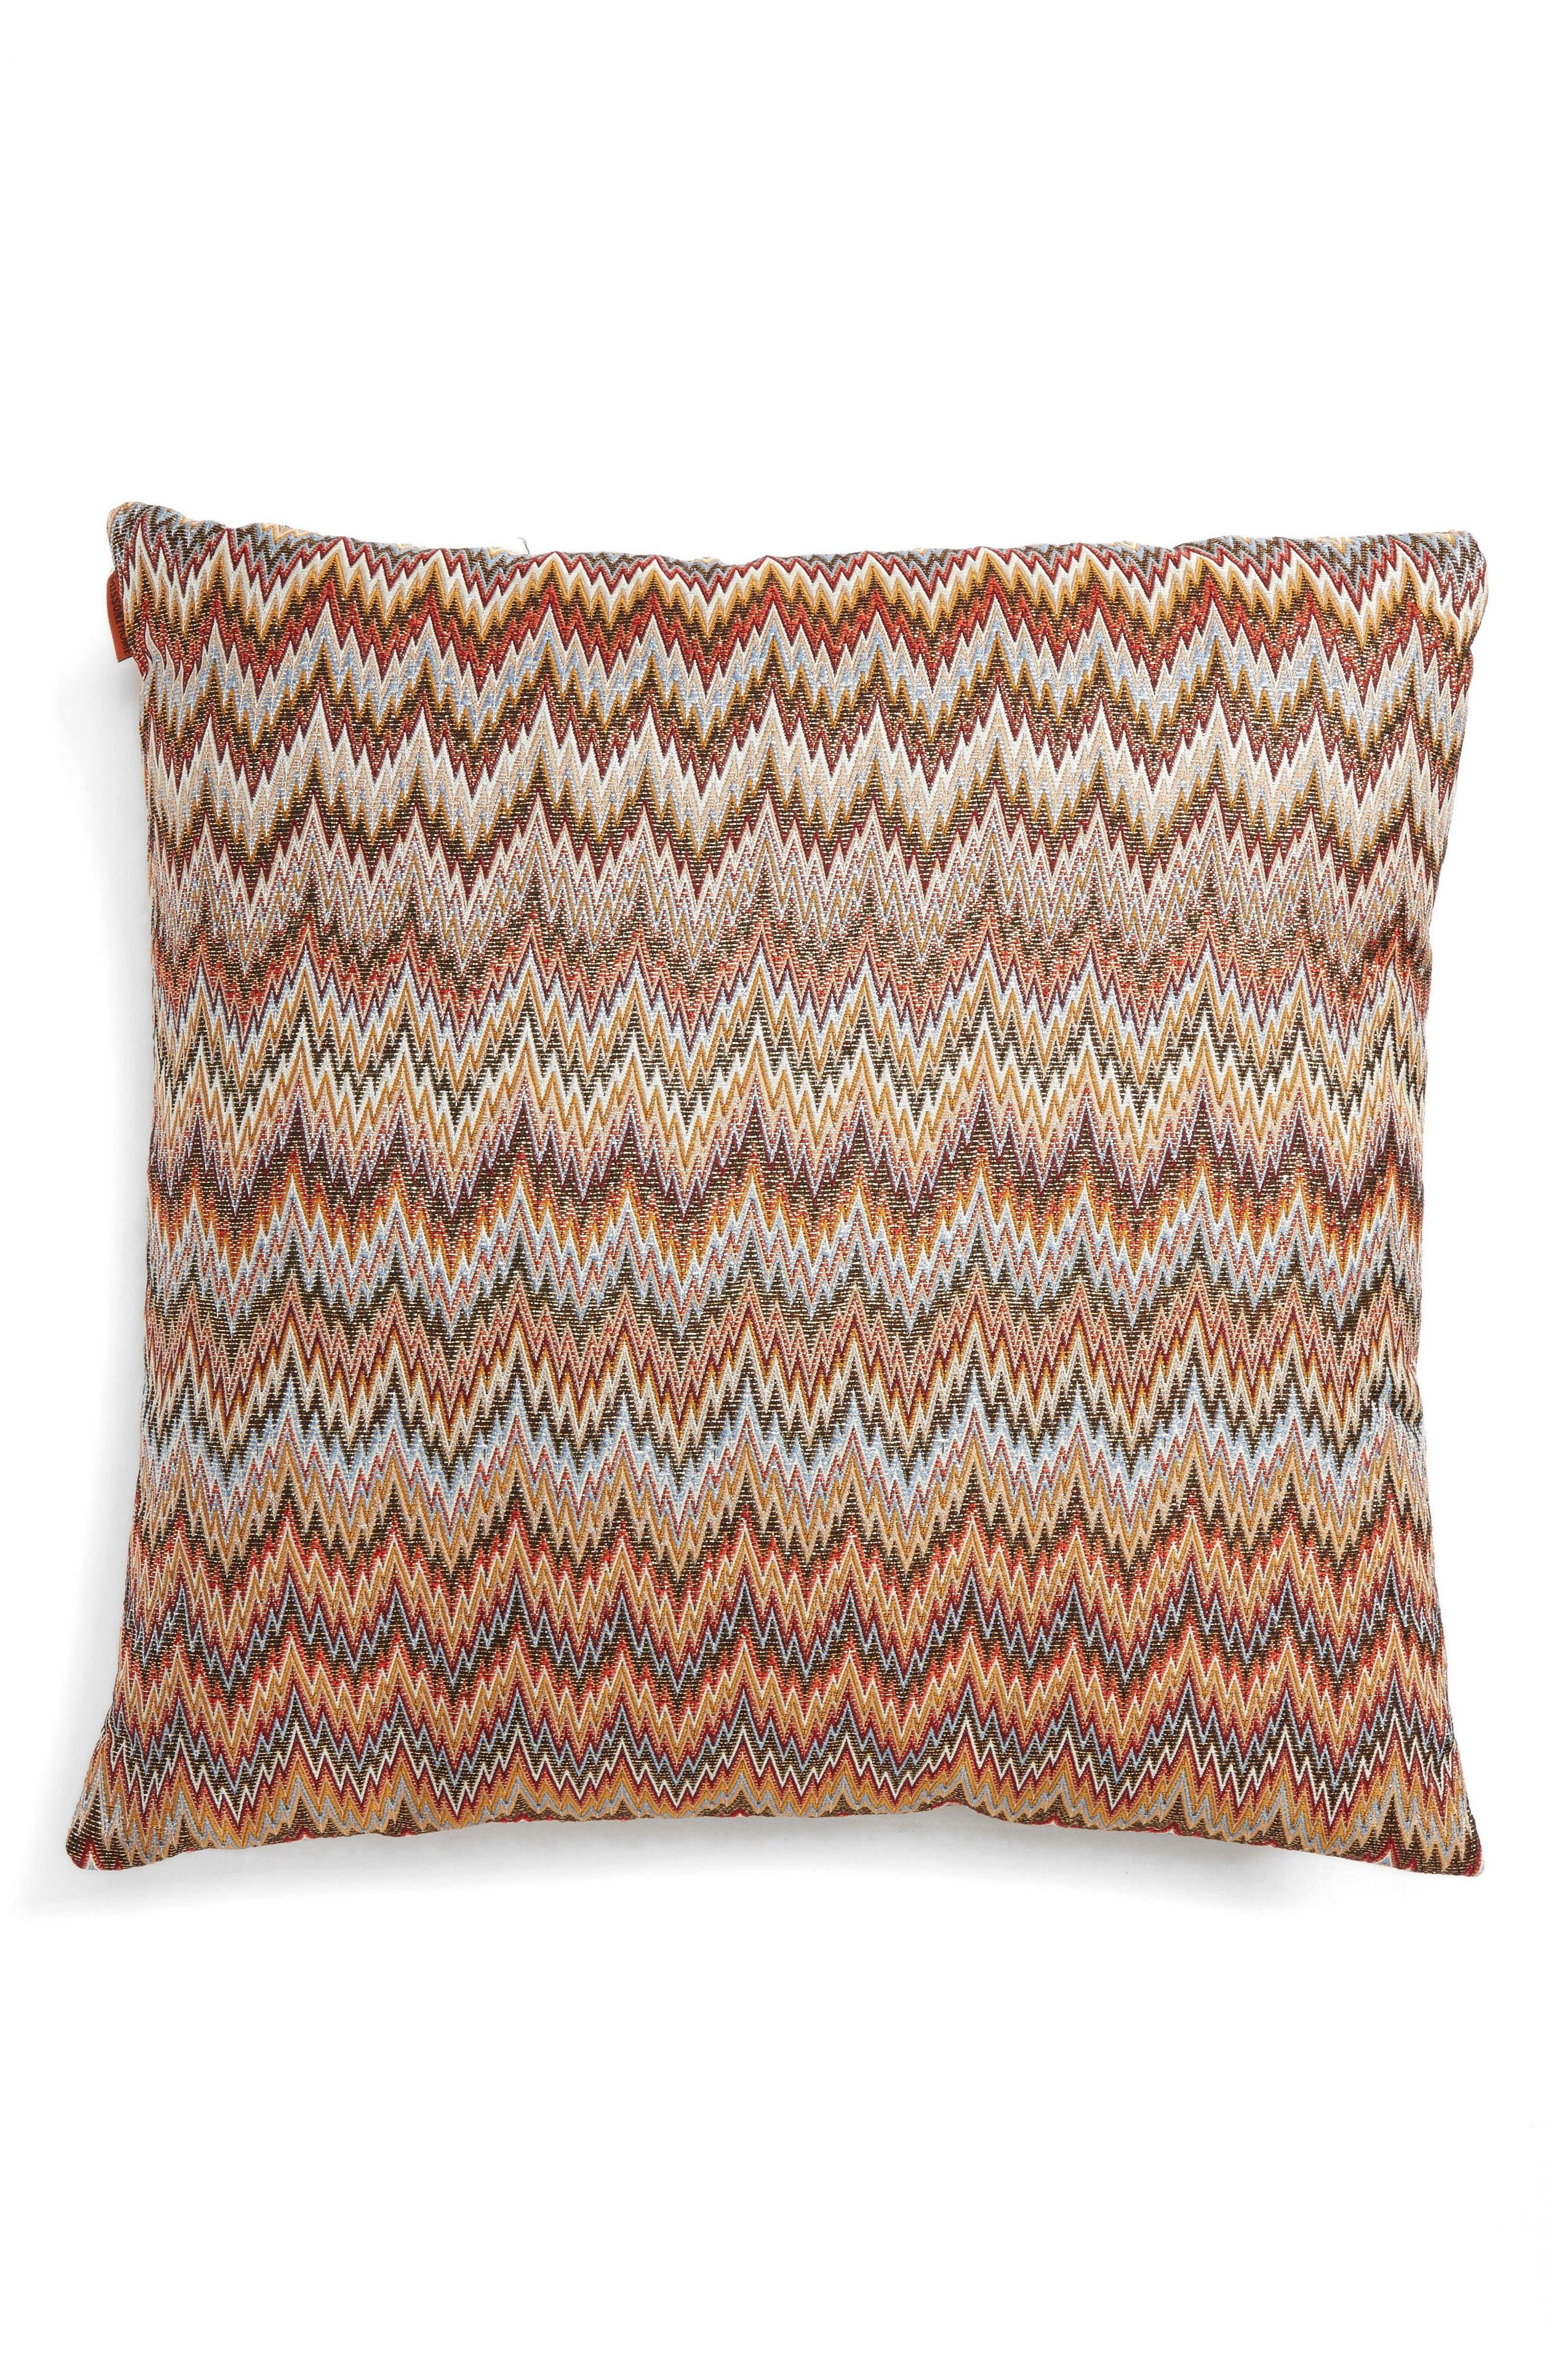 Missoni Plaisir Accent Pillow